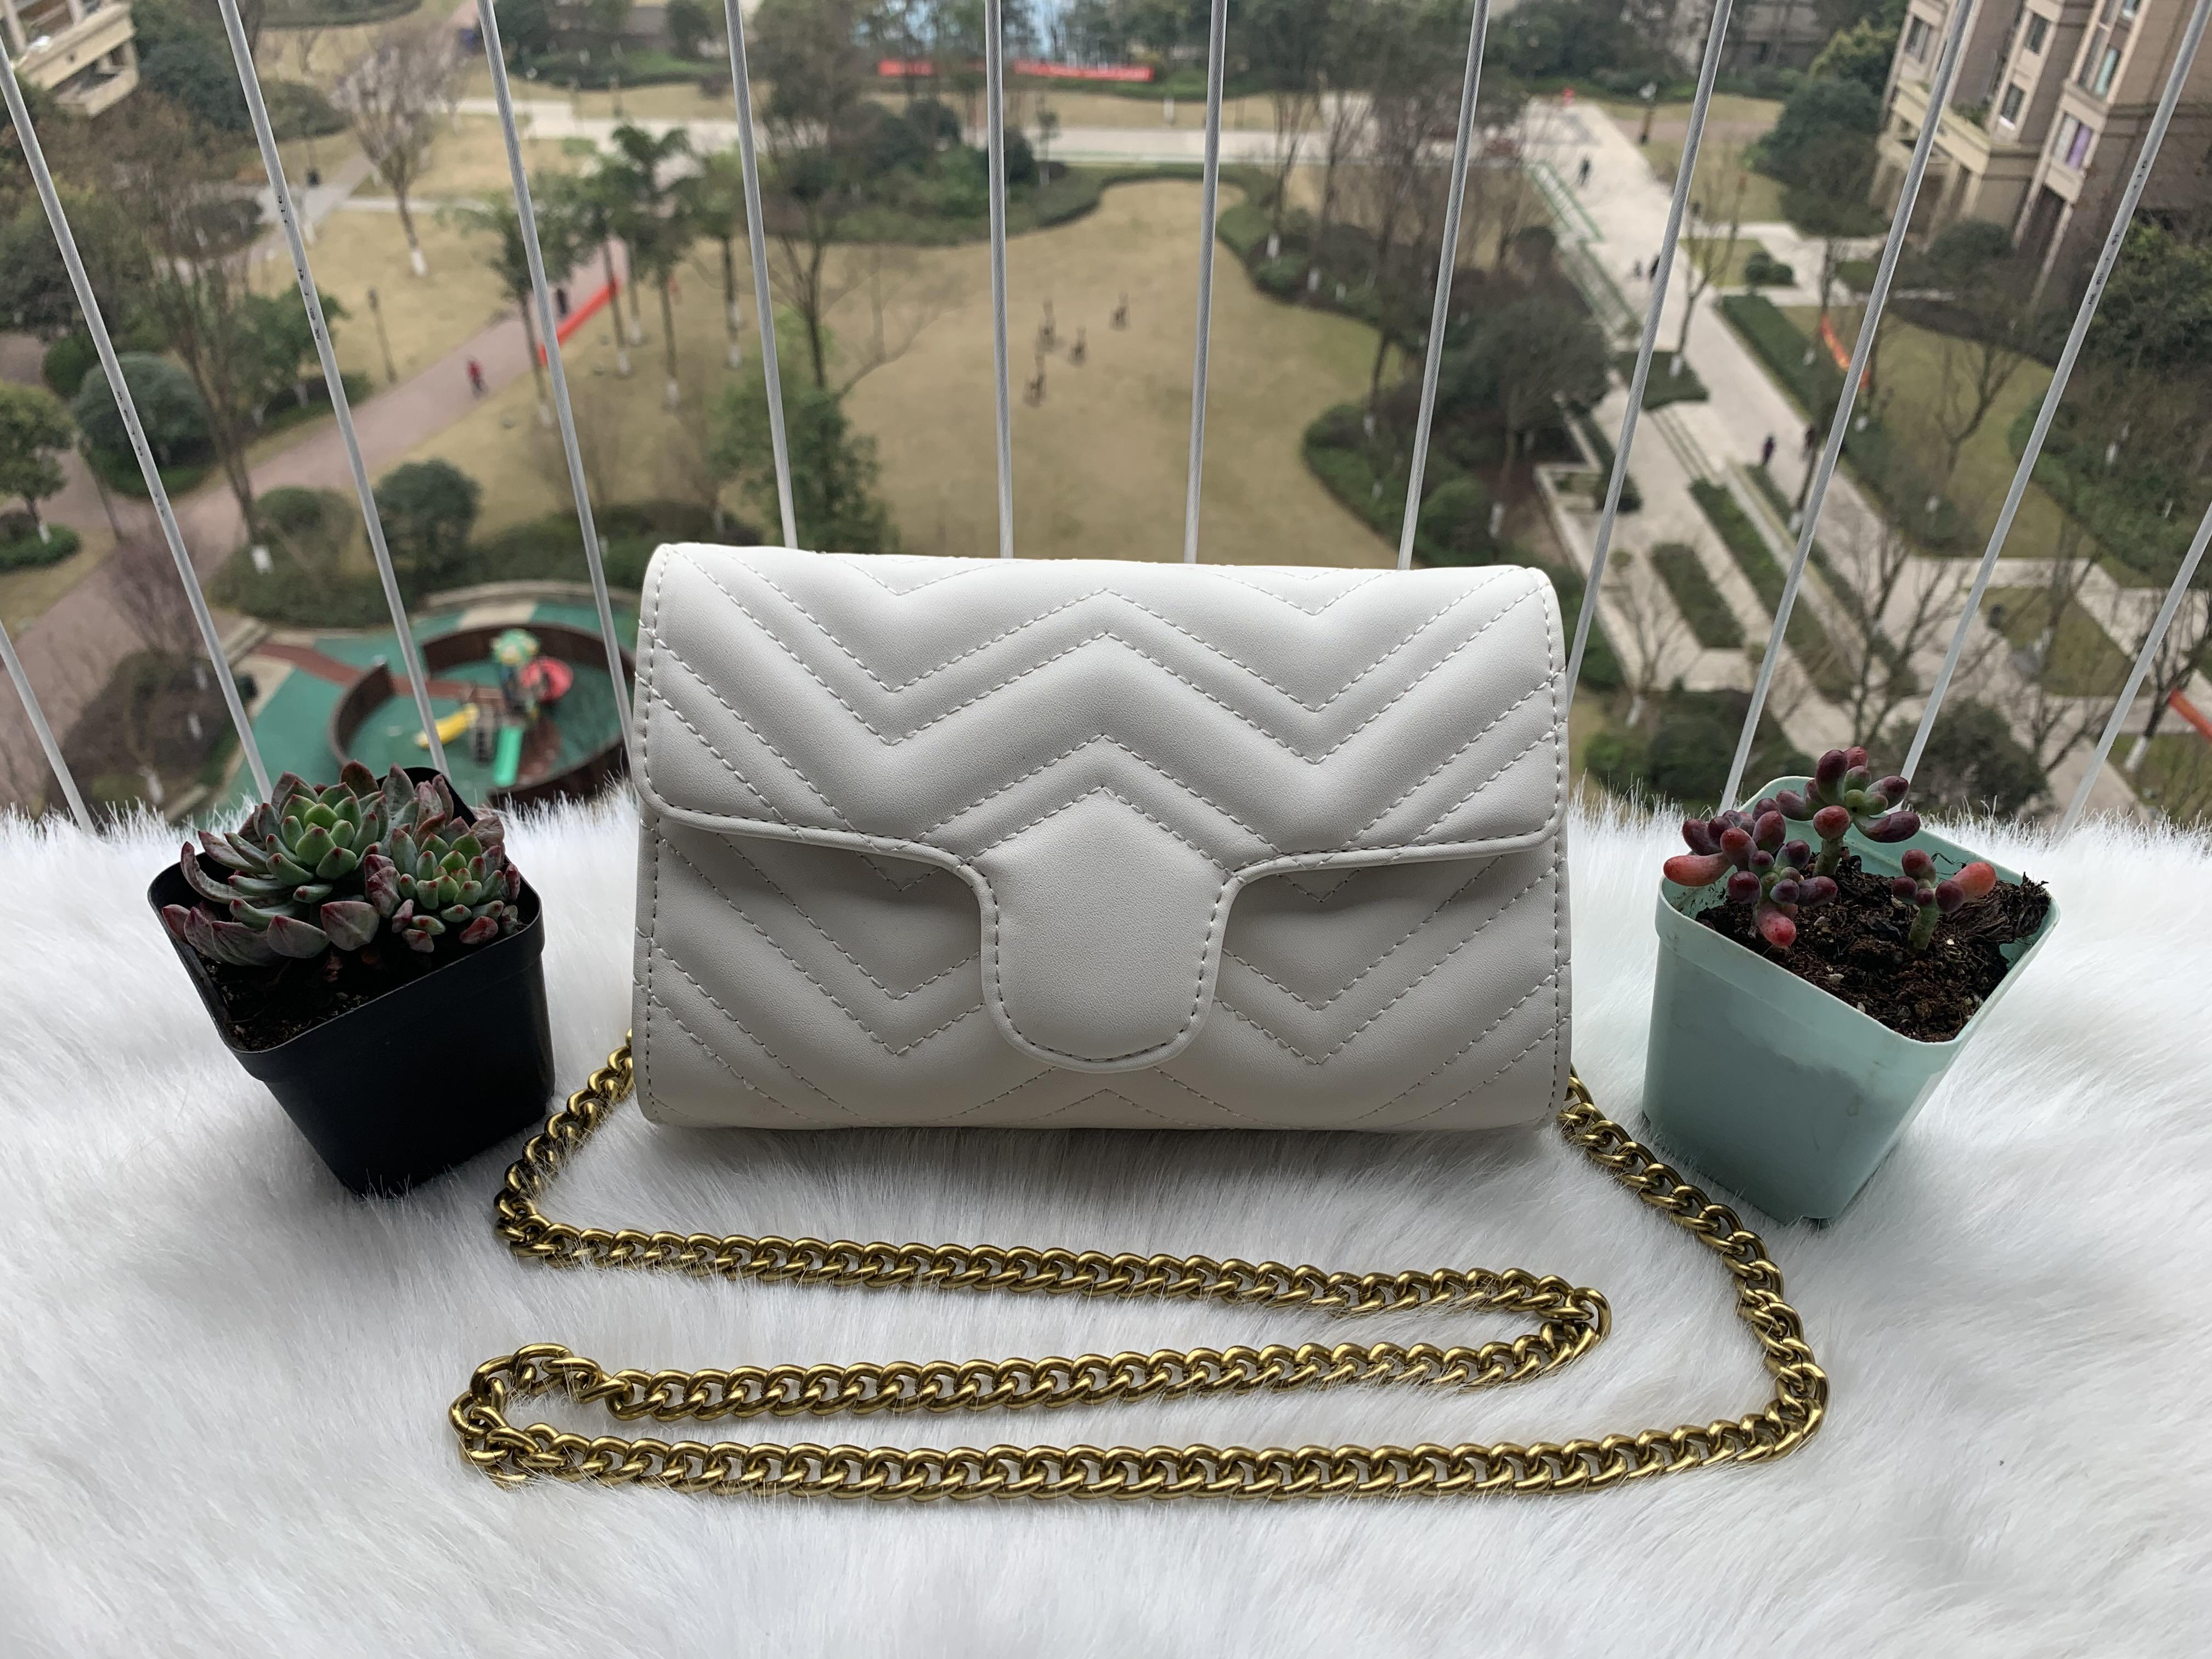 Venta caliente Bolsas bolsos de la moda de las mujeres del diseñador del Carteras para mujeres de la cadena del bolso de cuero Crossbody y bolsos de hombro 19CM